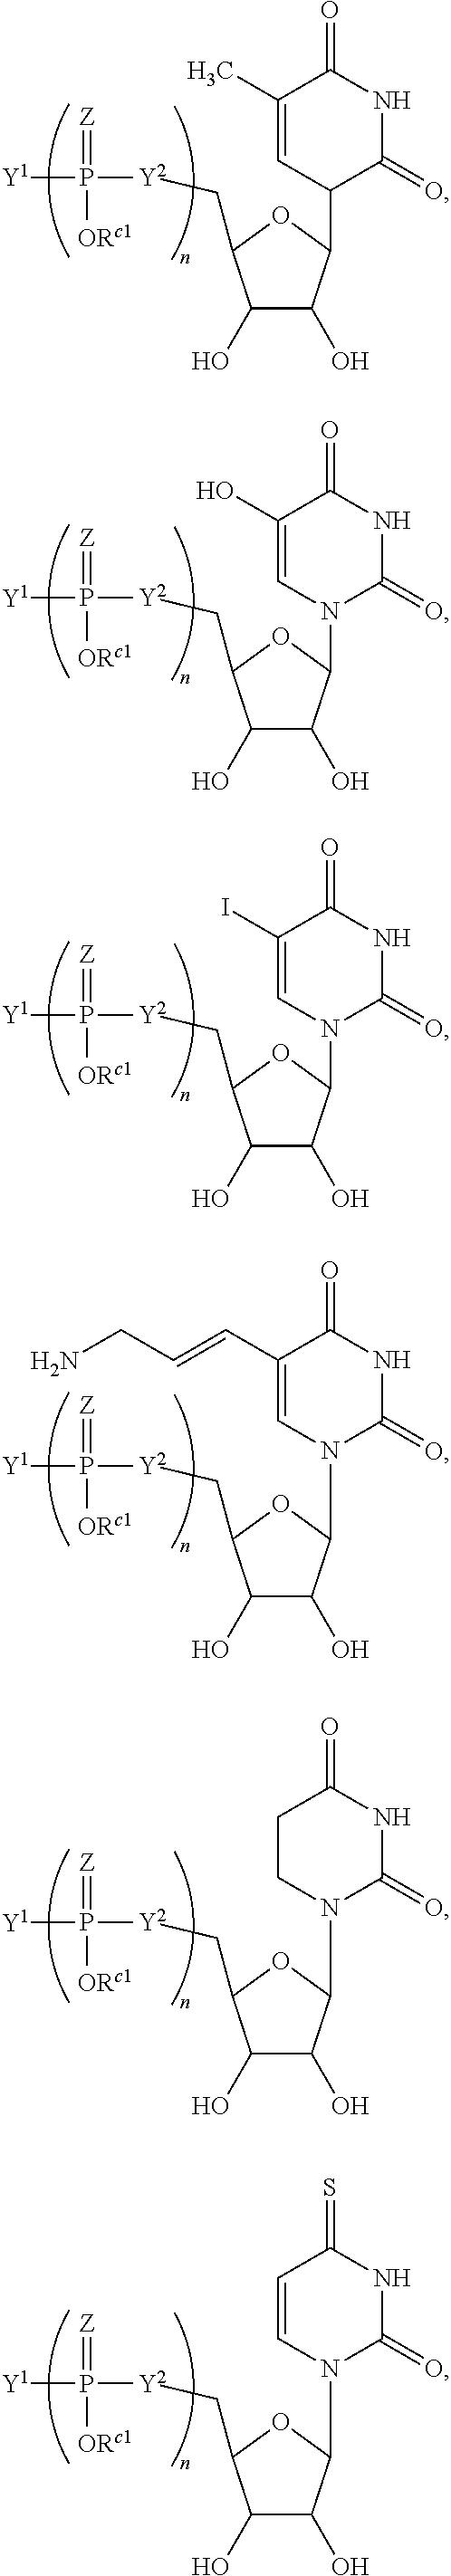 Figure US09334328-20160510-C00021